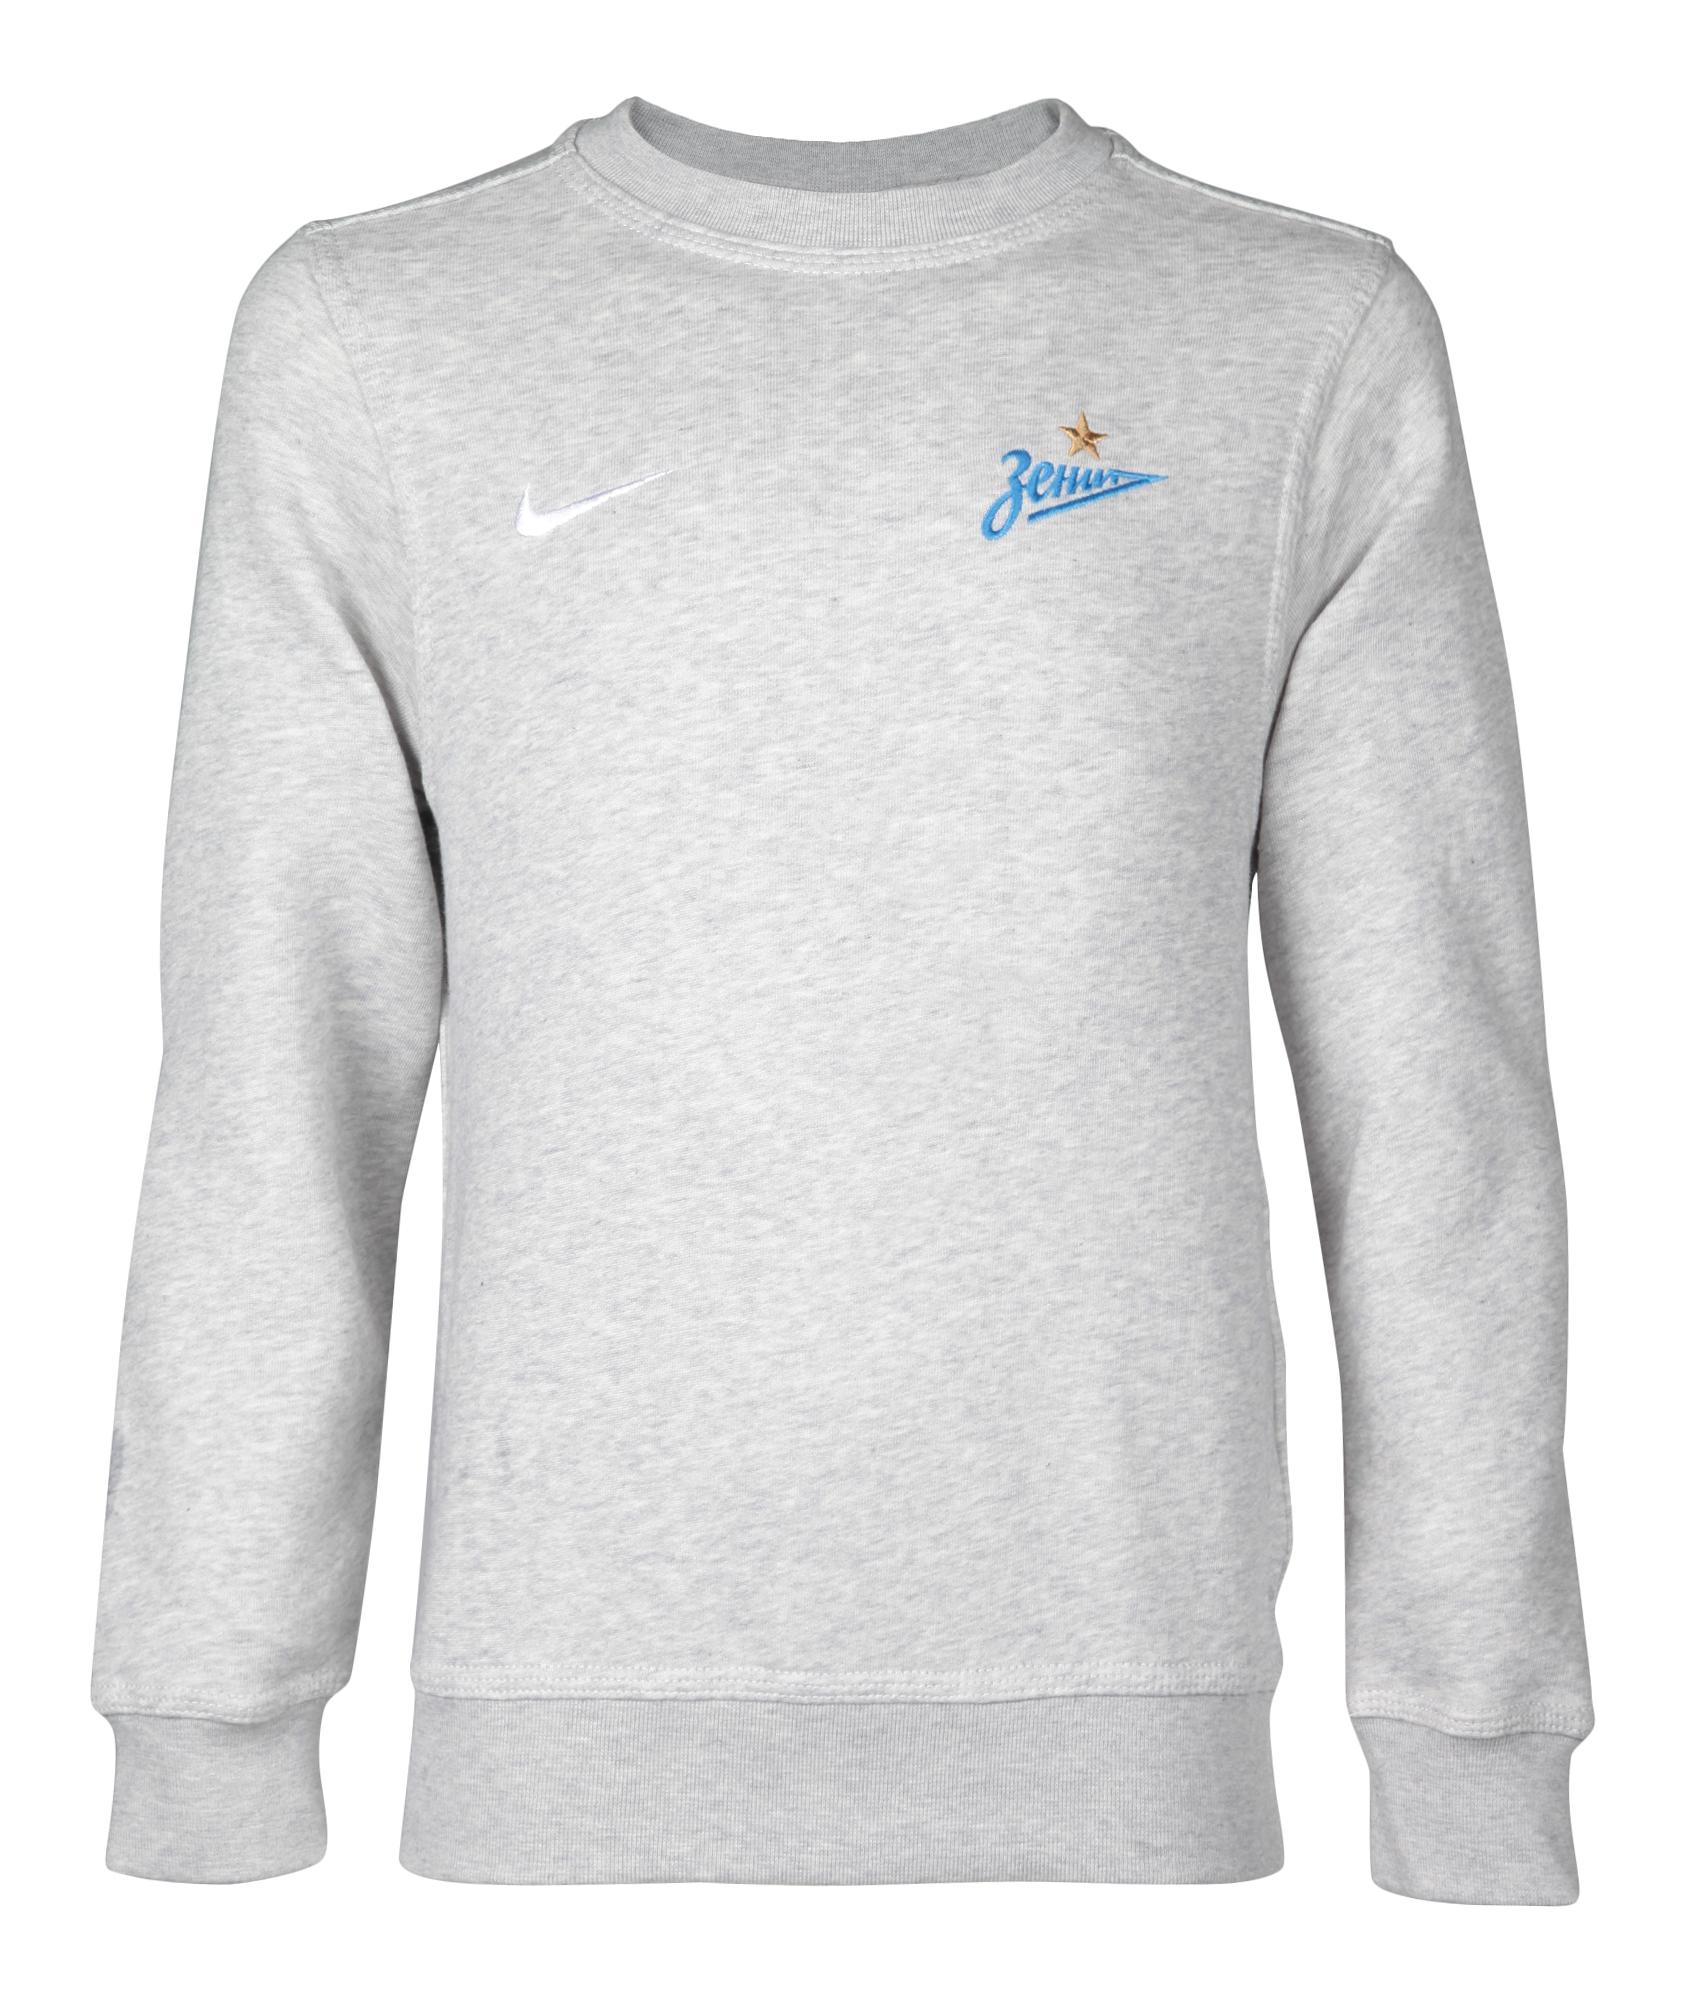 Джемпер подростковый Nike, Цвет-Серый, Размер-XS спортивные лифчики найк